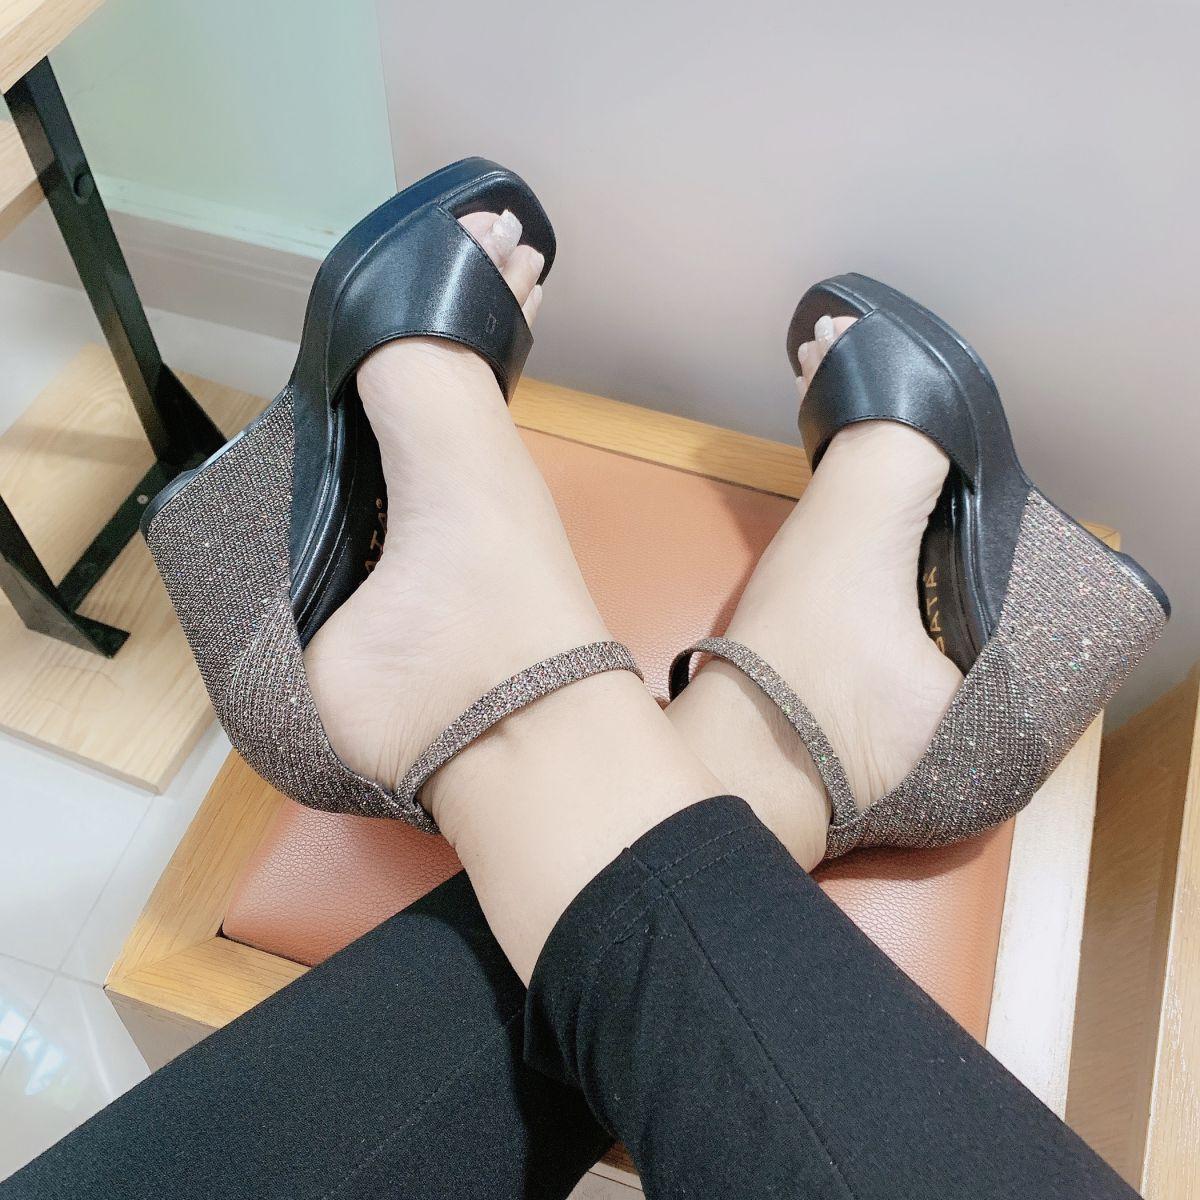 Giày xăng đan nữ XĐN06 màu đen